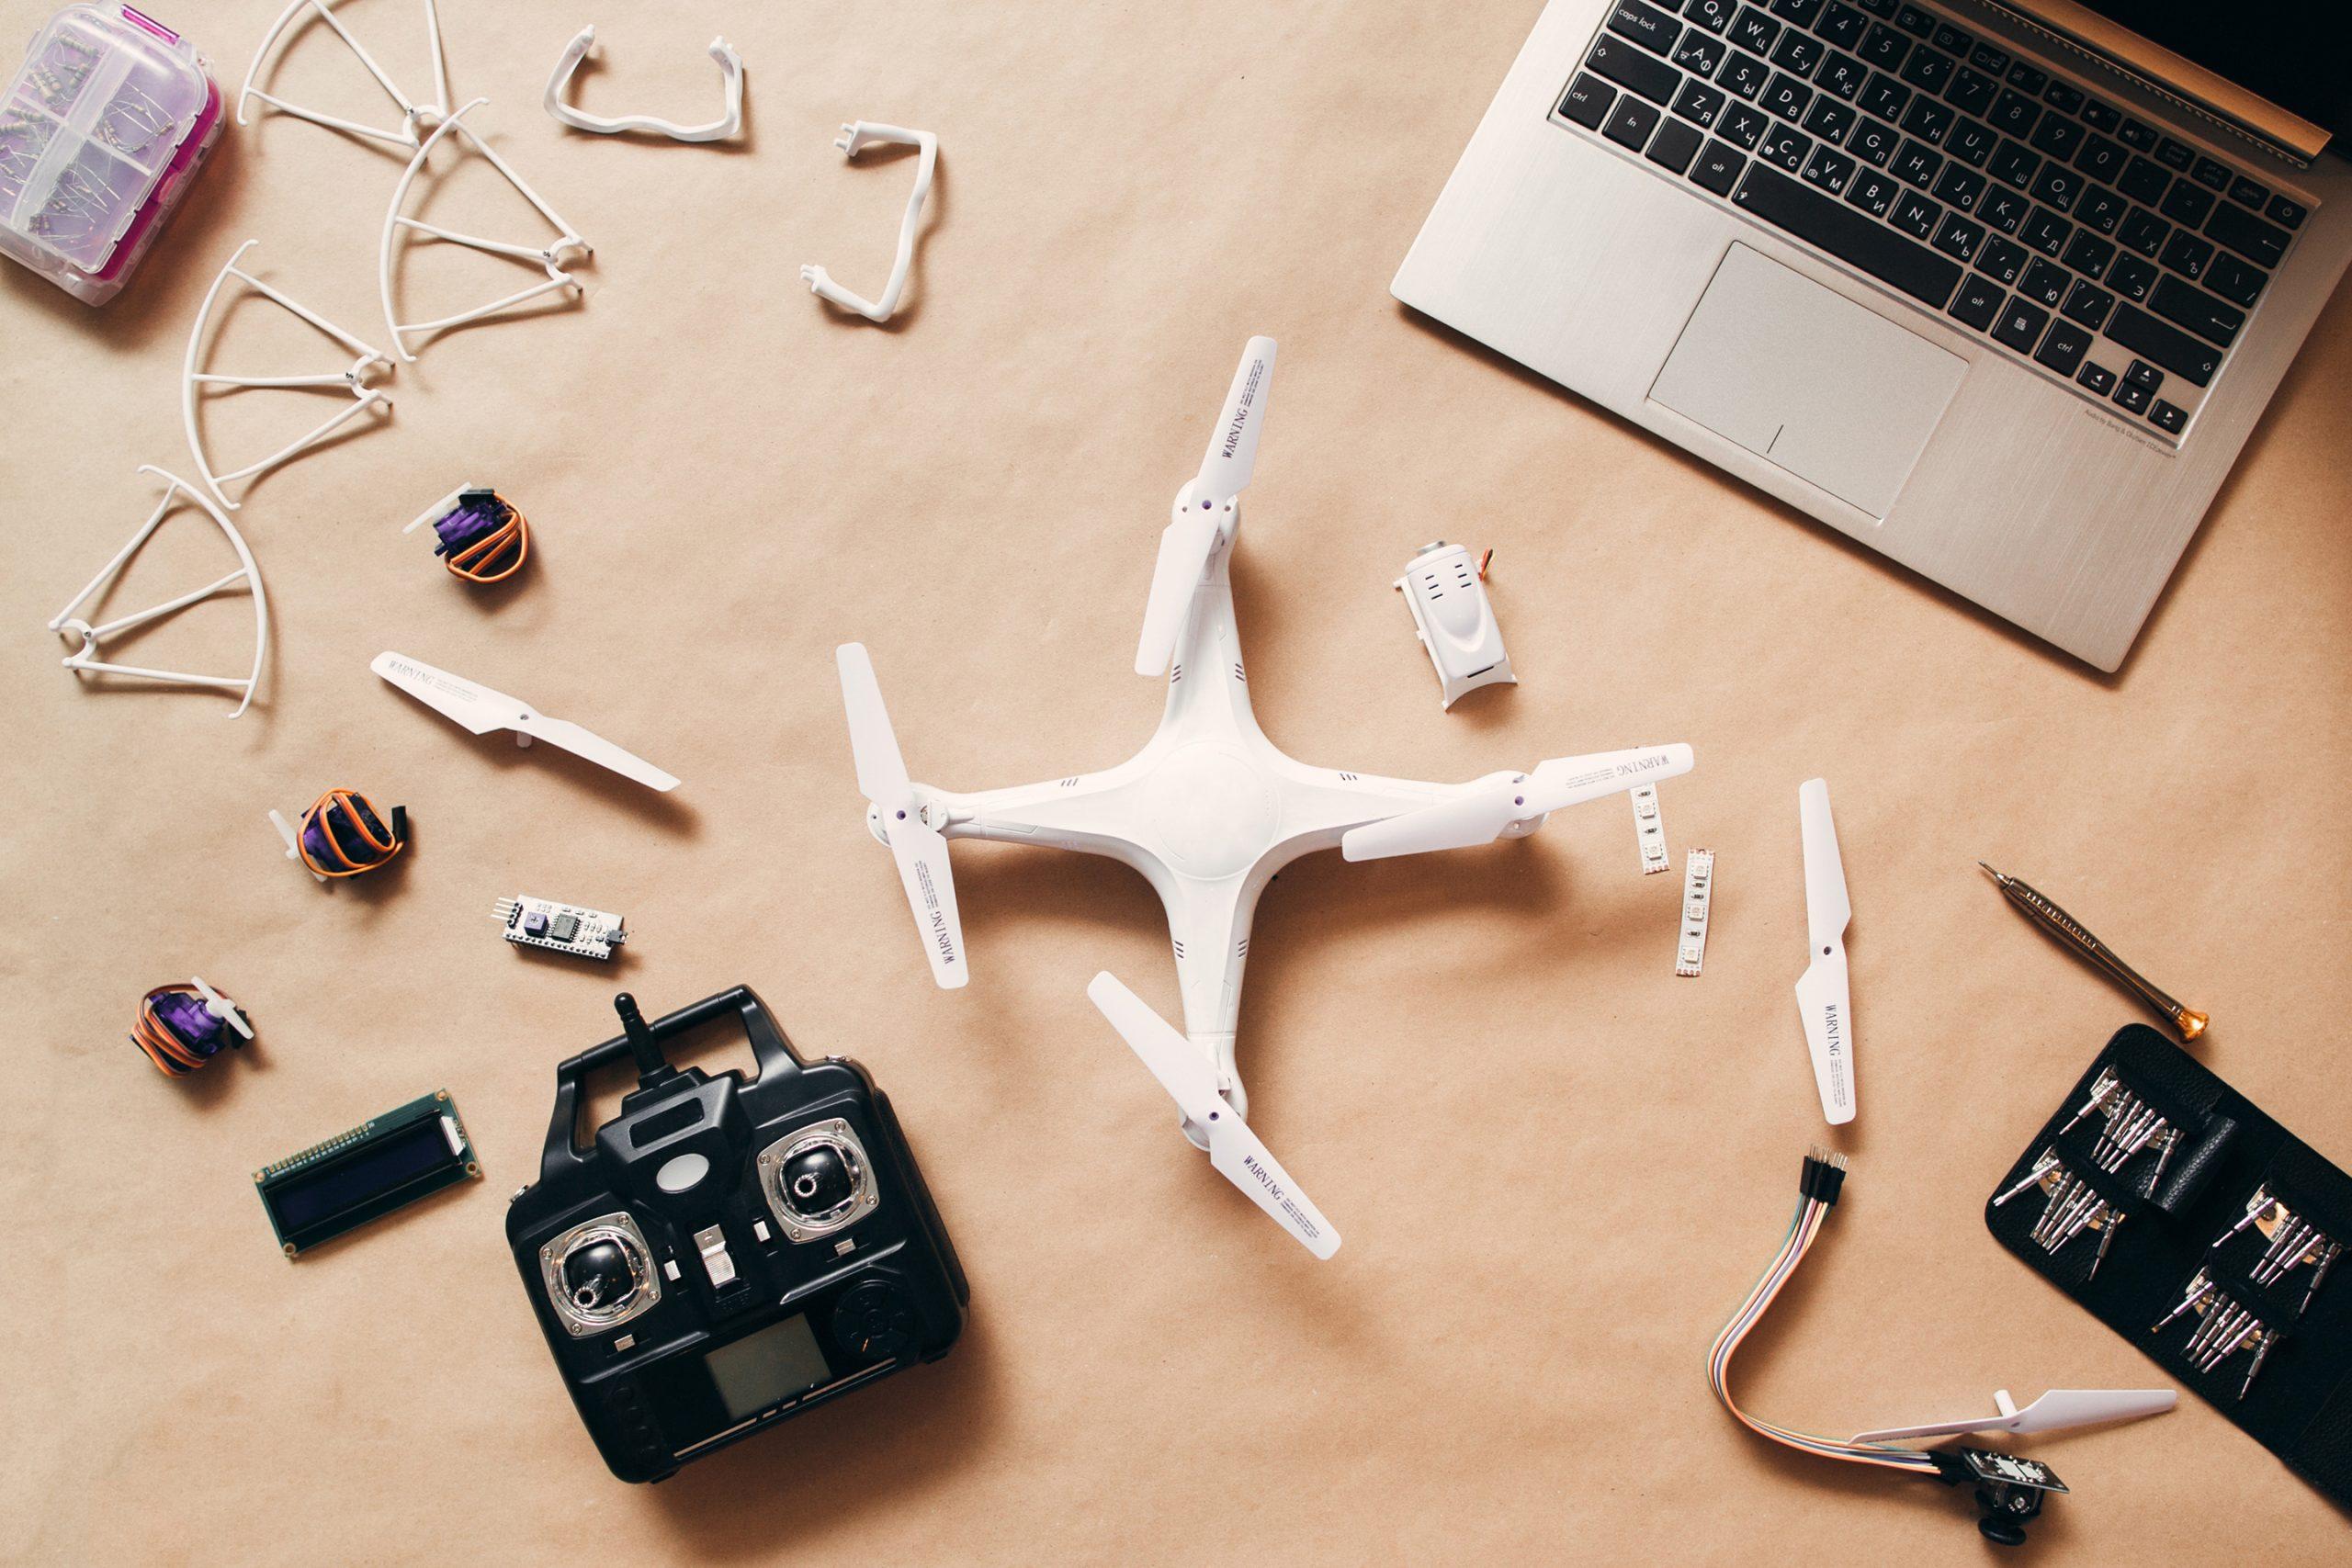 Drohnenmontage IoT